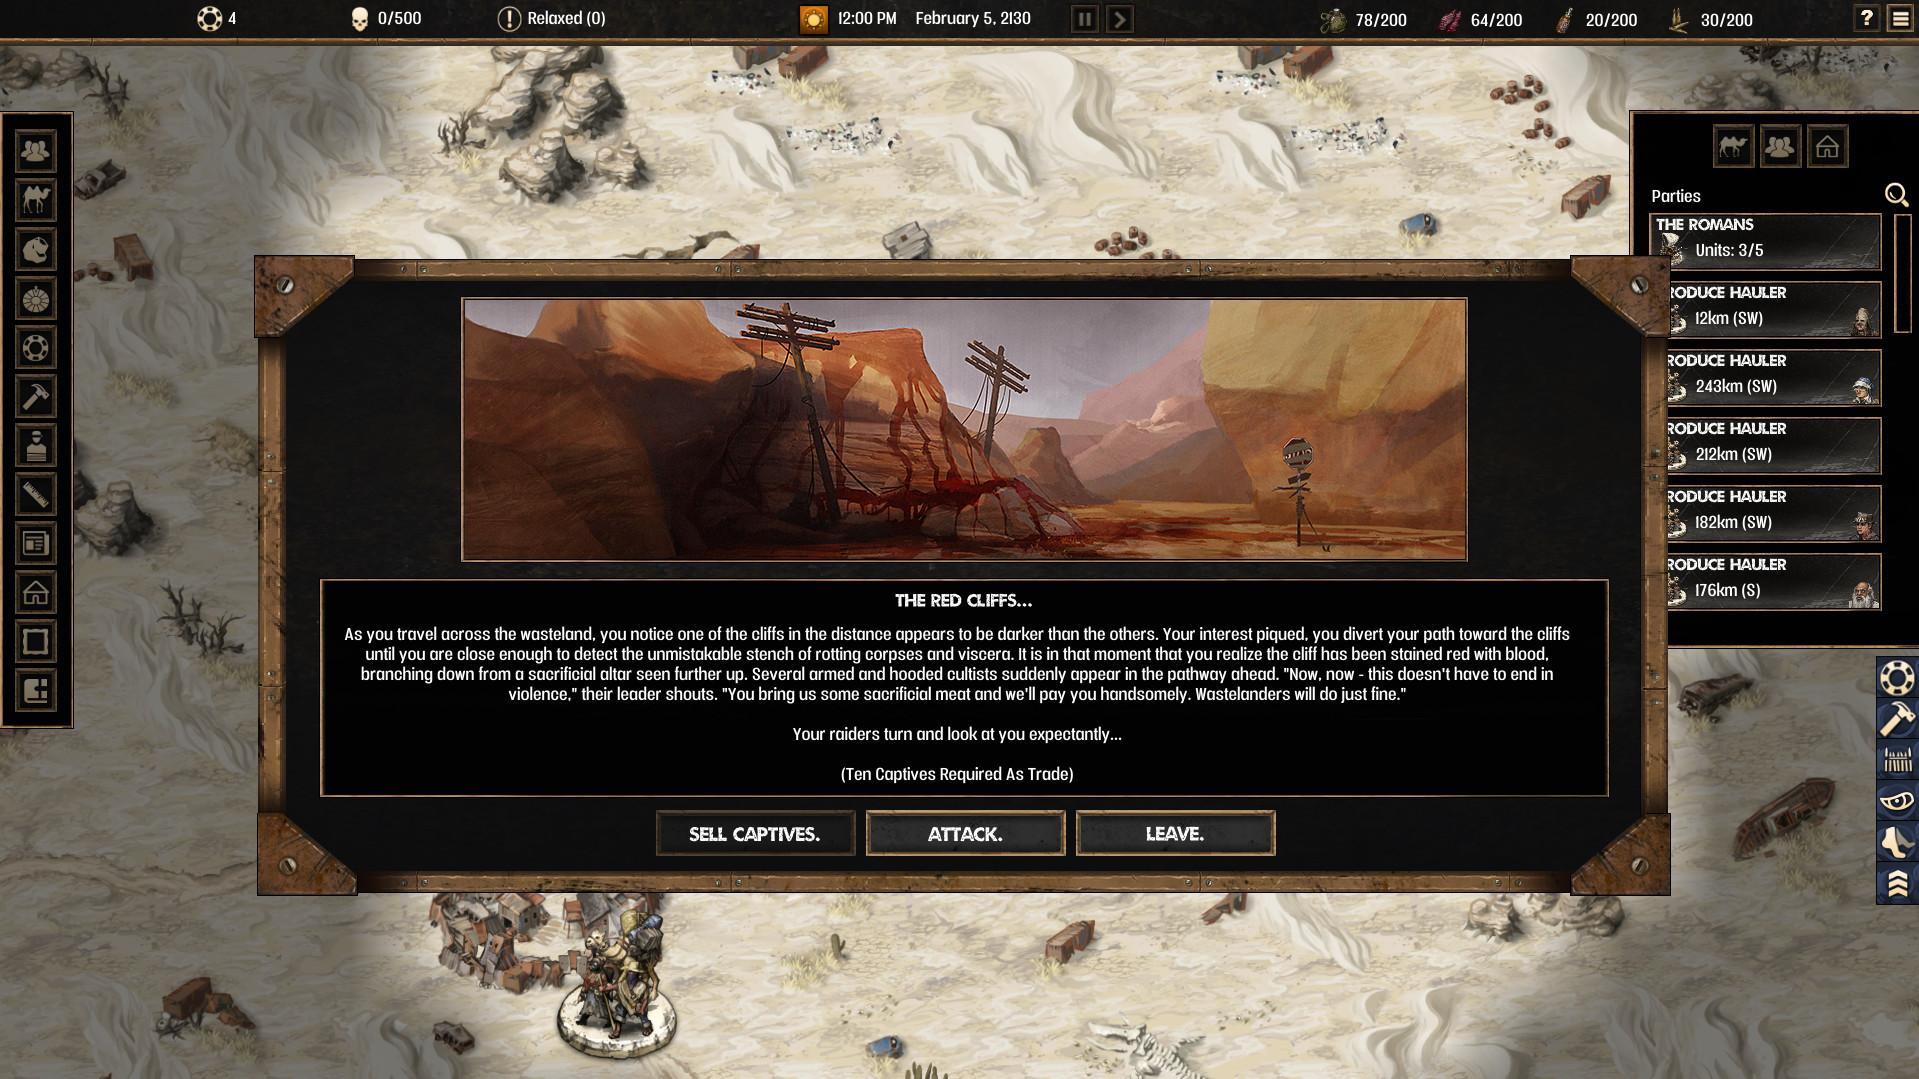 raiders-forsaken-earth-pc-screenshot-02